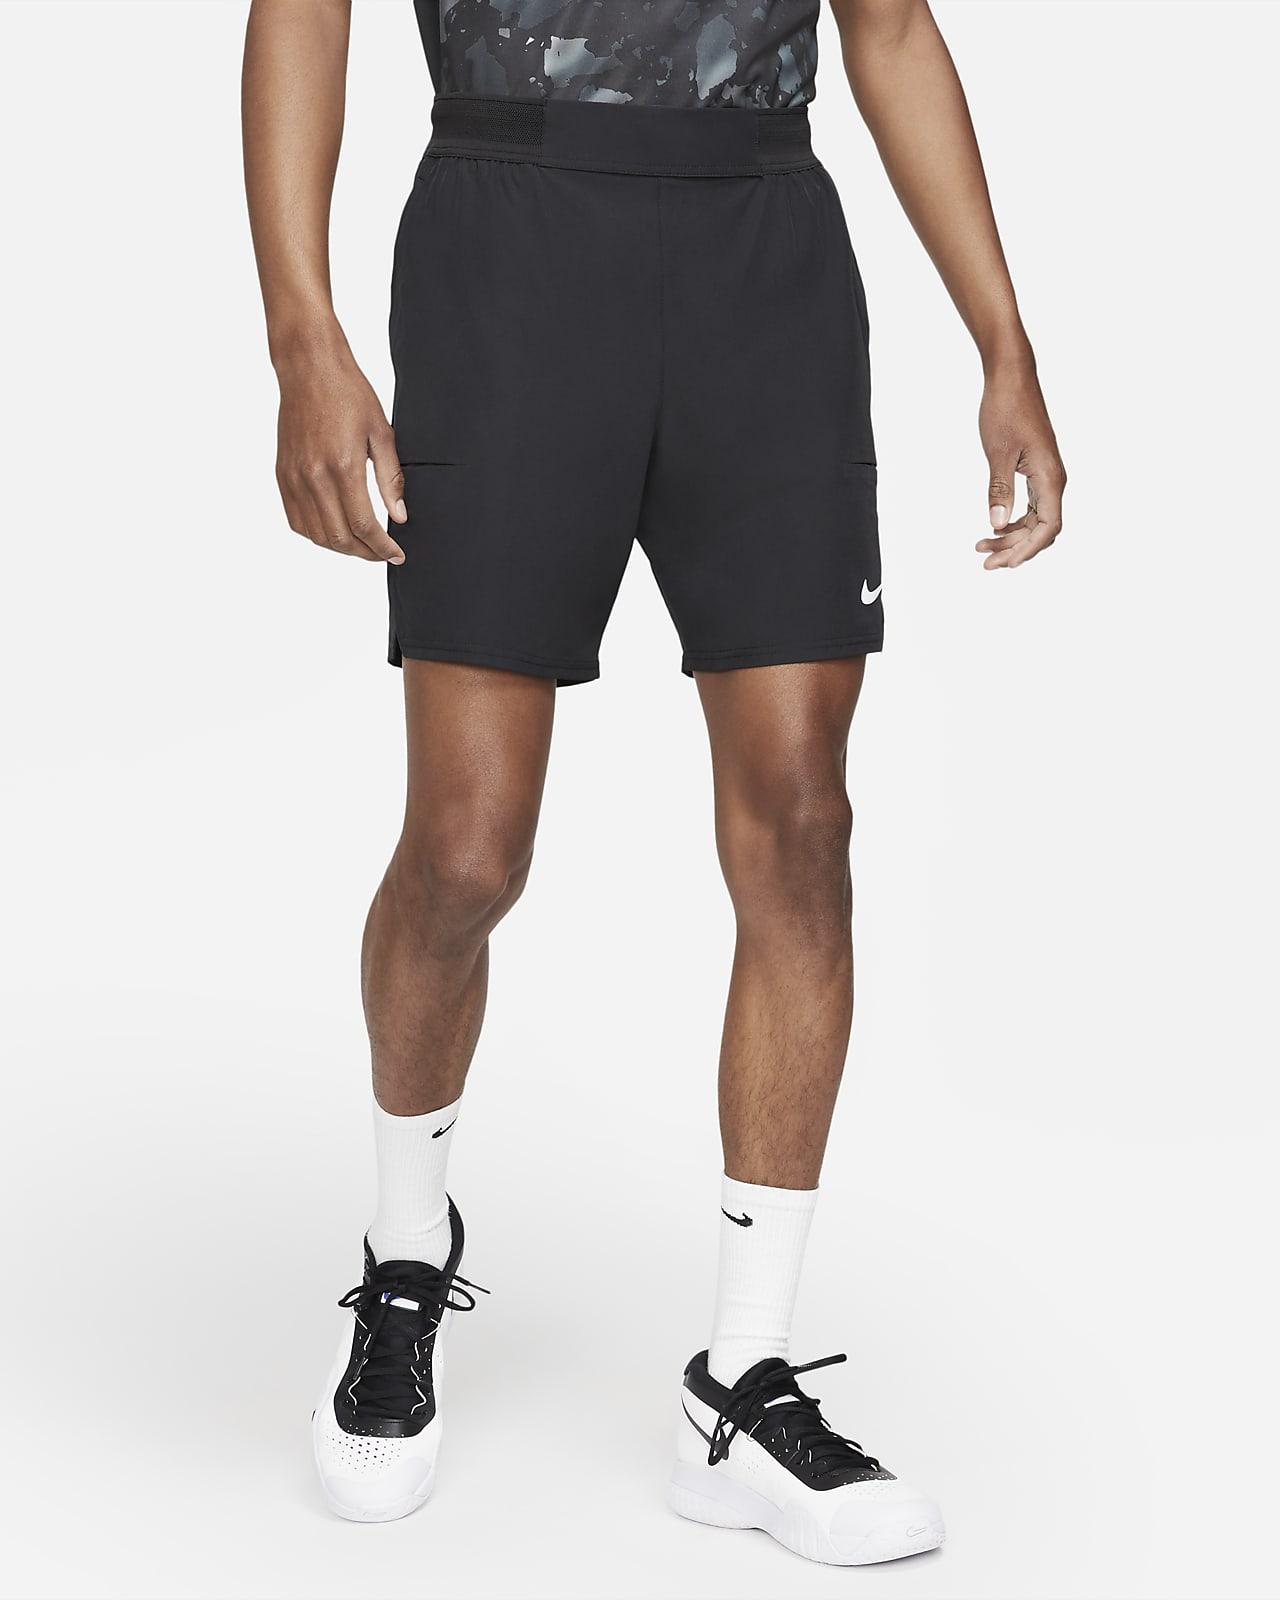 Short de tennis NikeCourt Dri-FIT Advantage 18 cm pour Homme